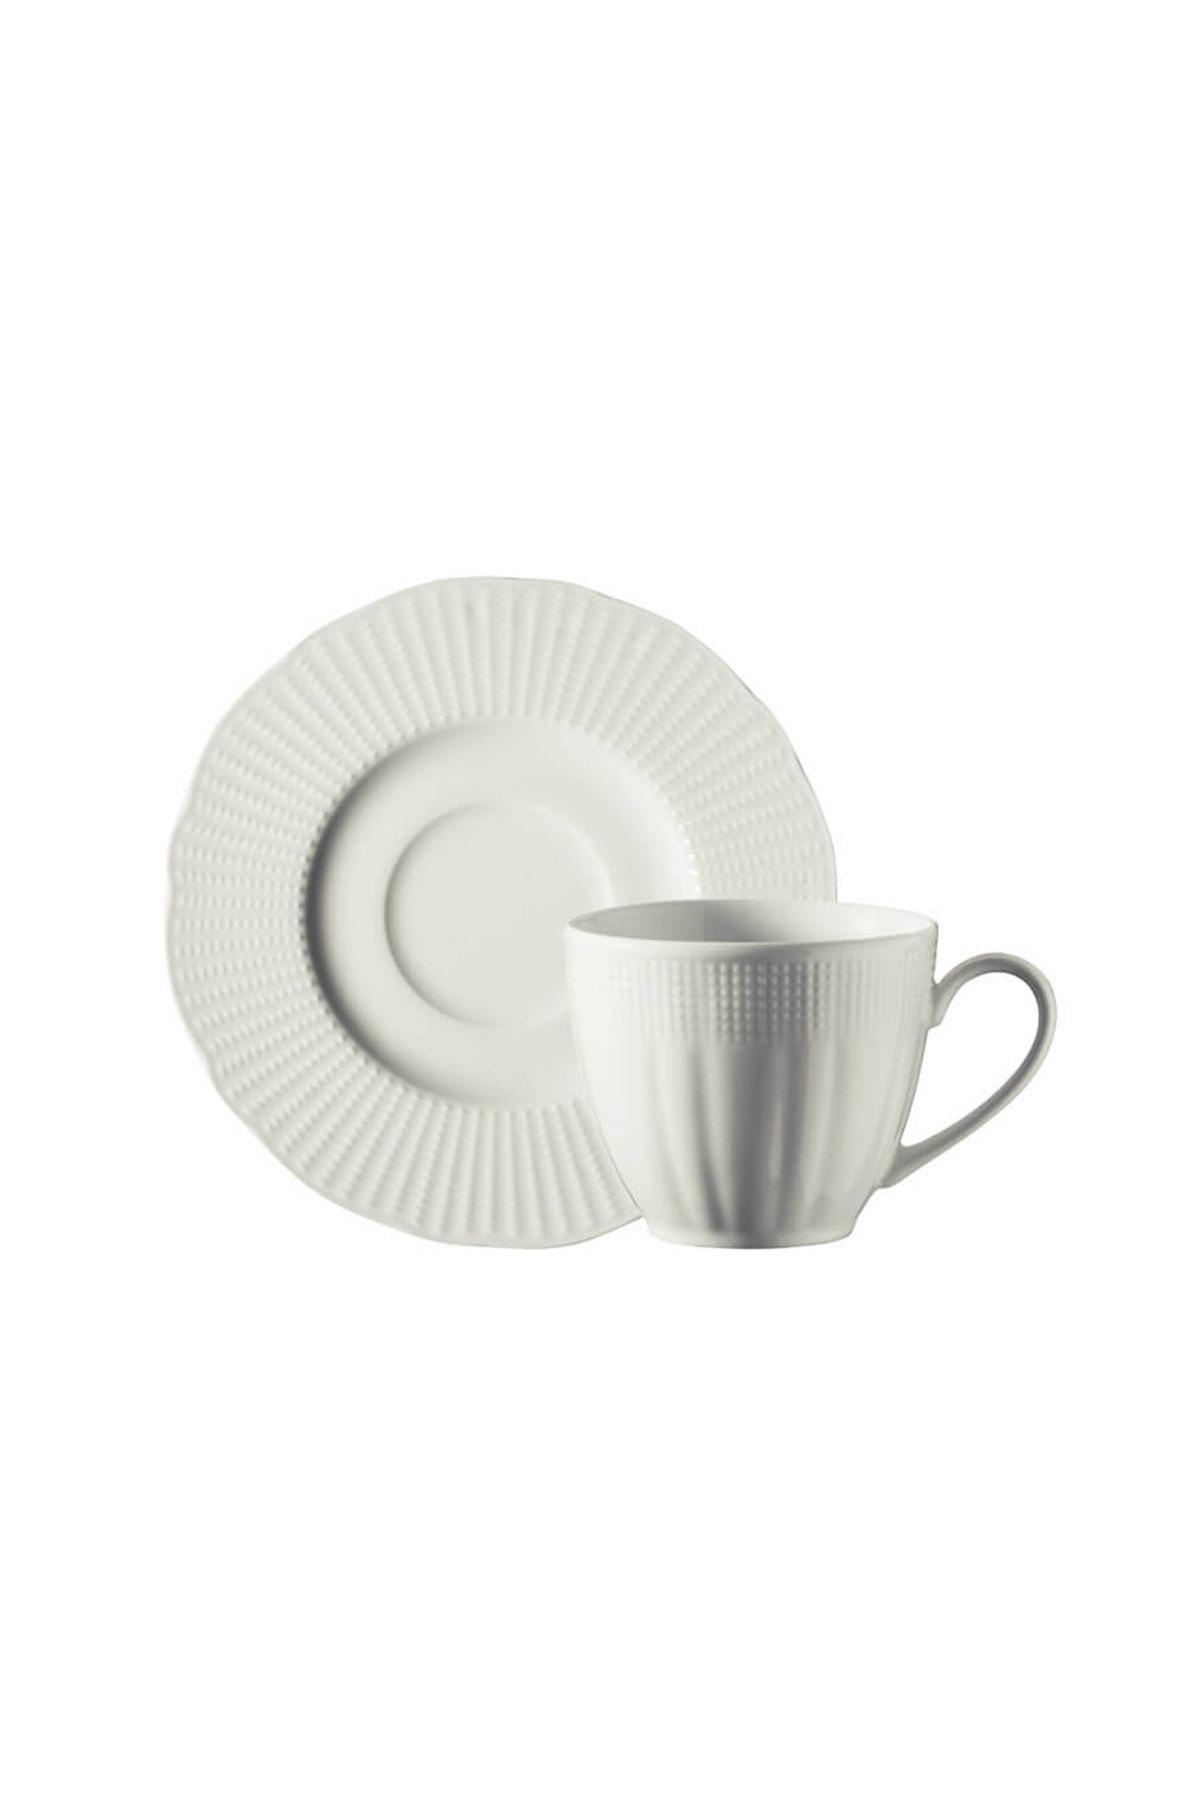 BONAMORE - Kütahya Porselen Bone İlay Kahve Fincan Takımı